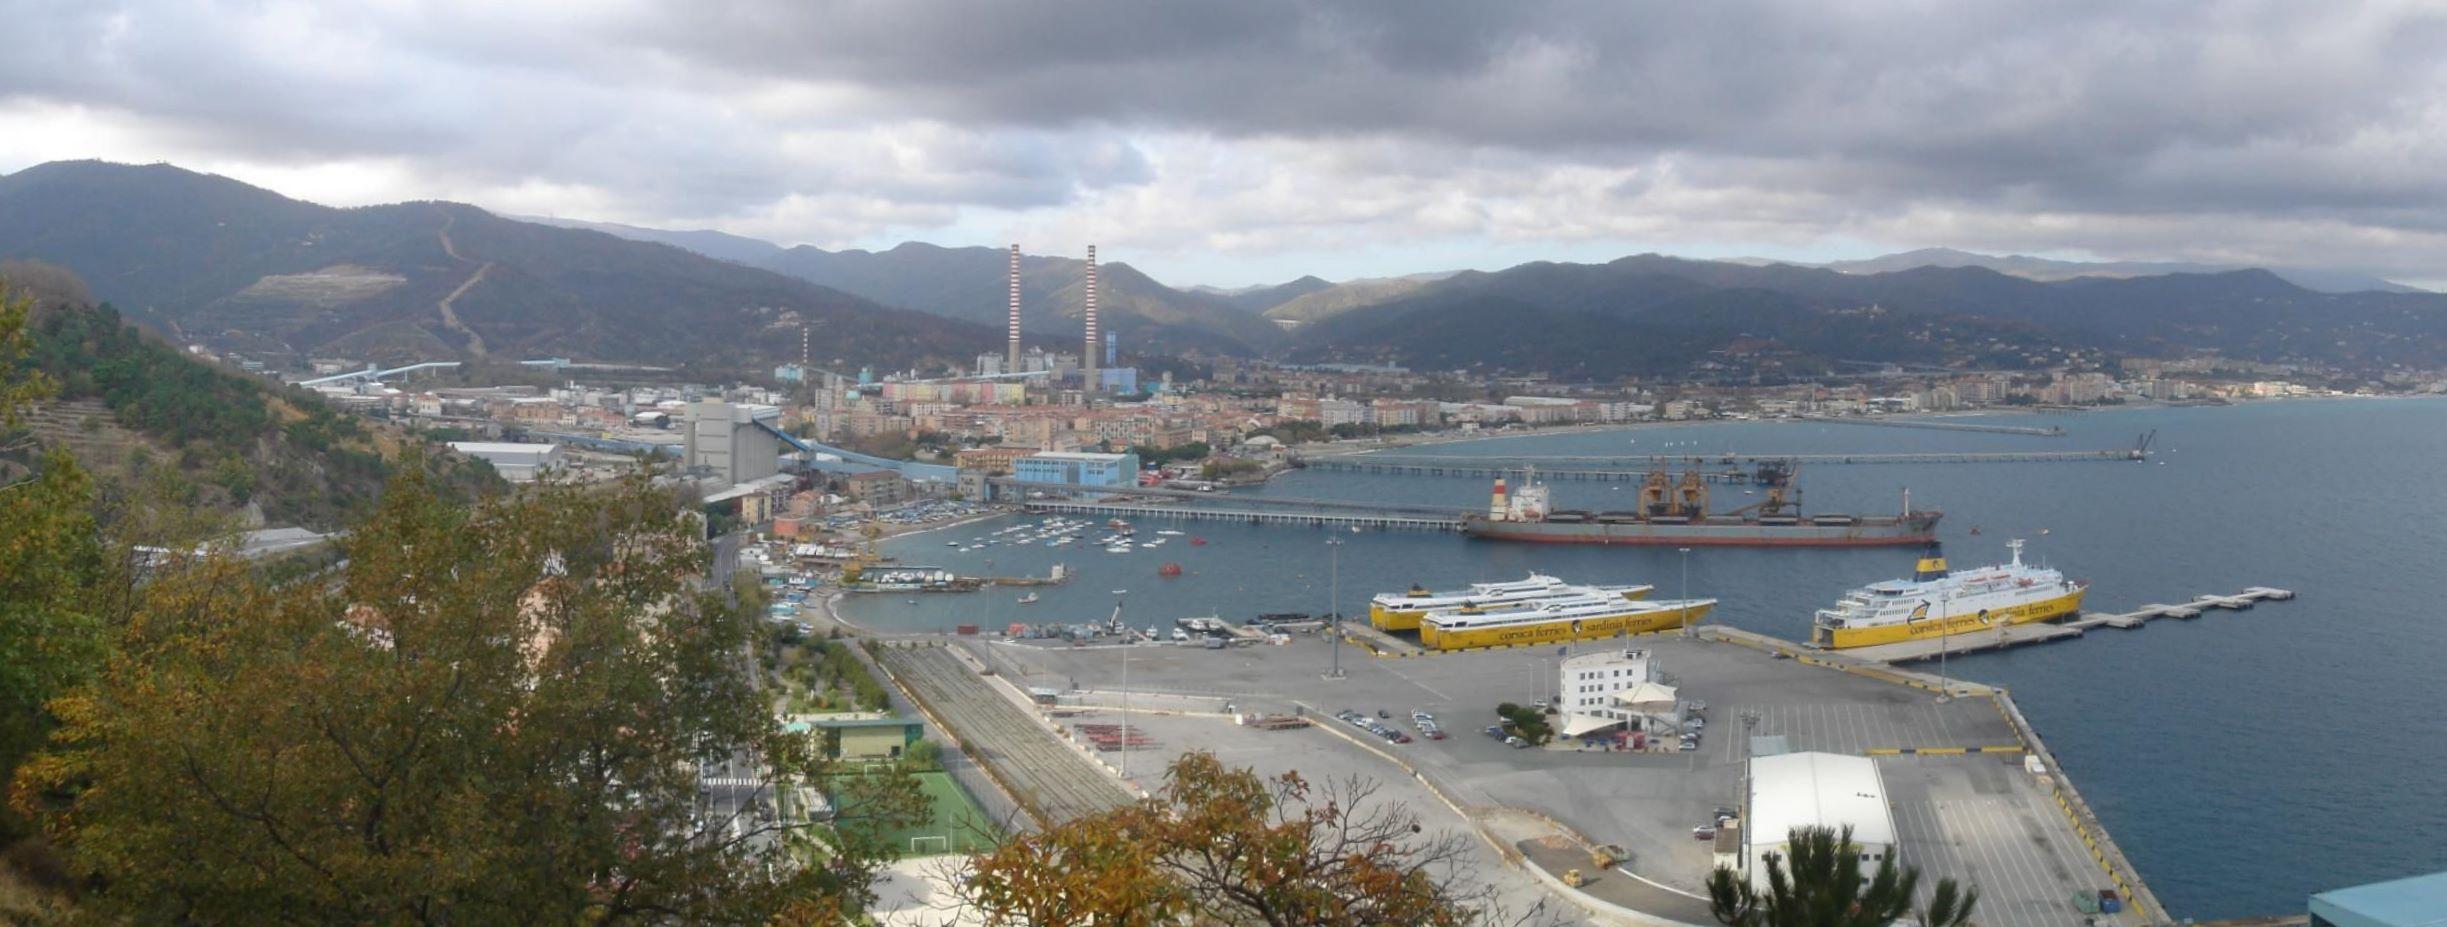 Chińczycy rozbudowują terminal kontenerowy we Włoszech. Ma być ważnym punktem na Nowym Jedwabnym Szlaku